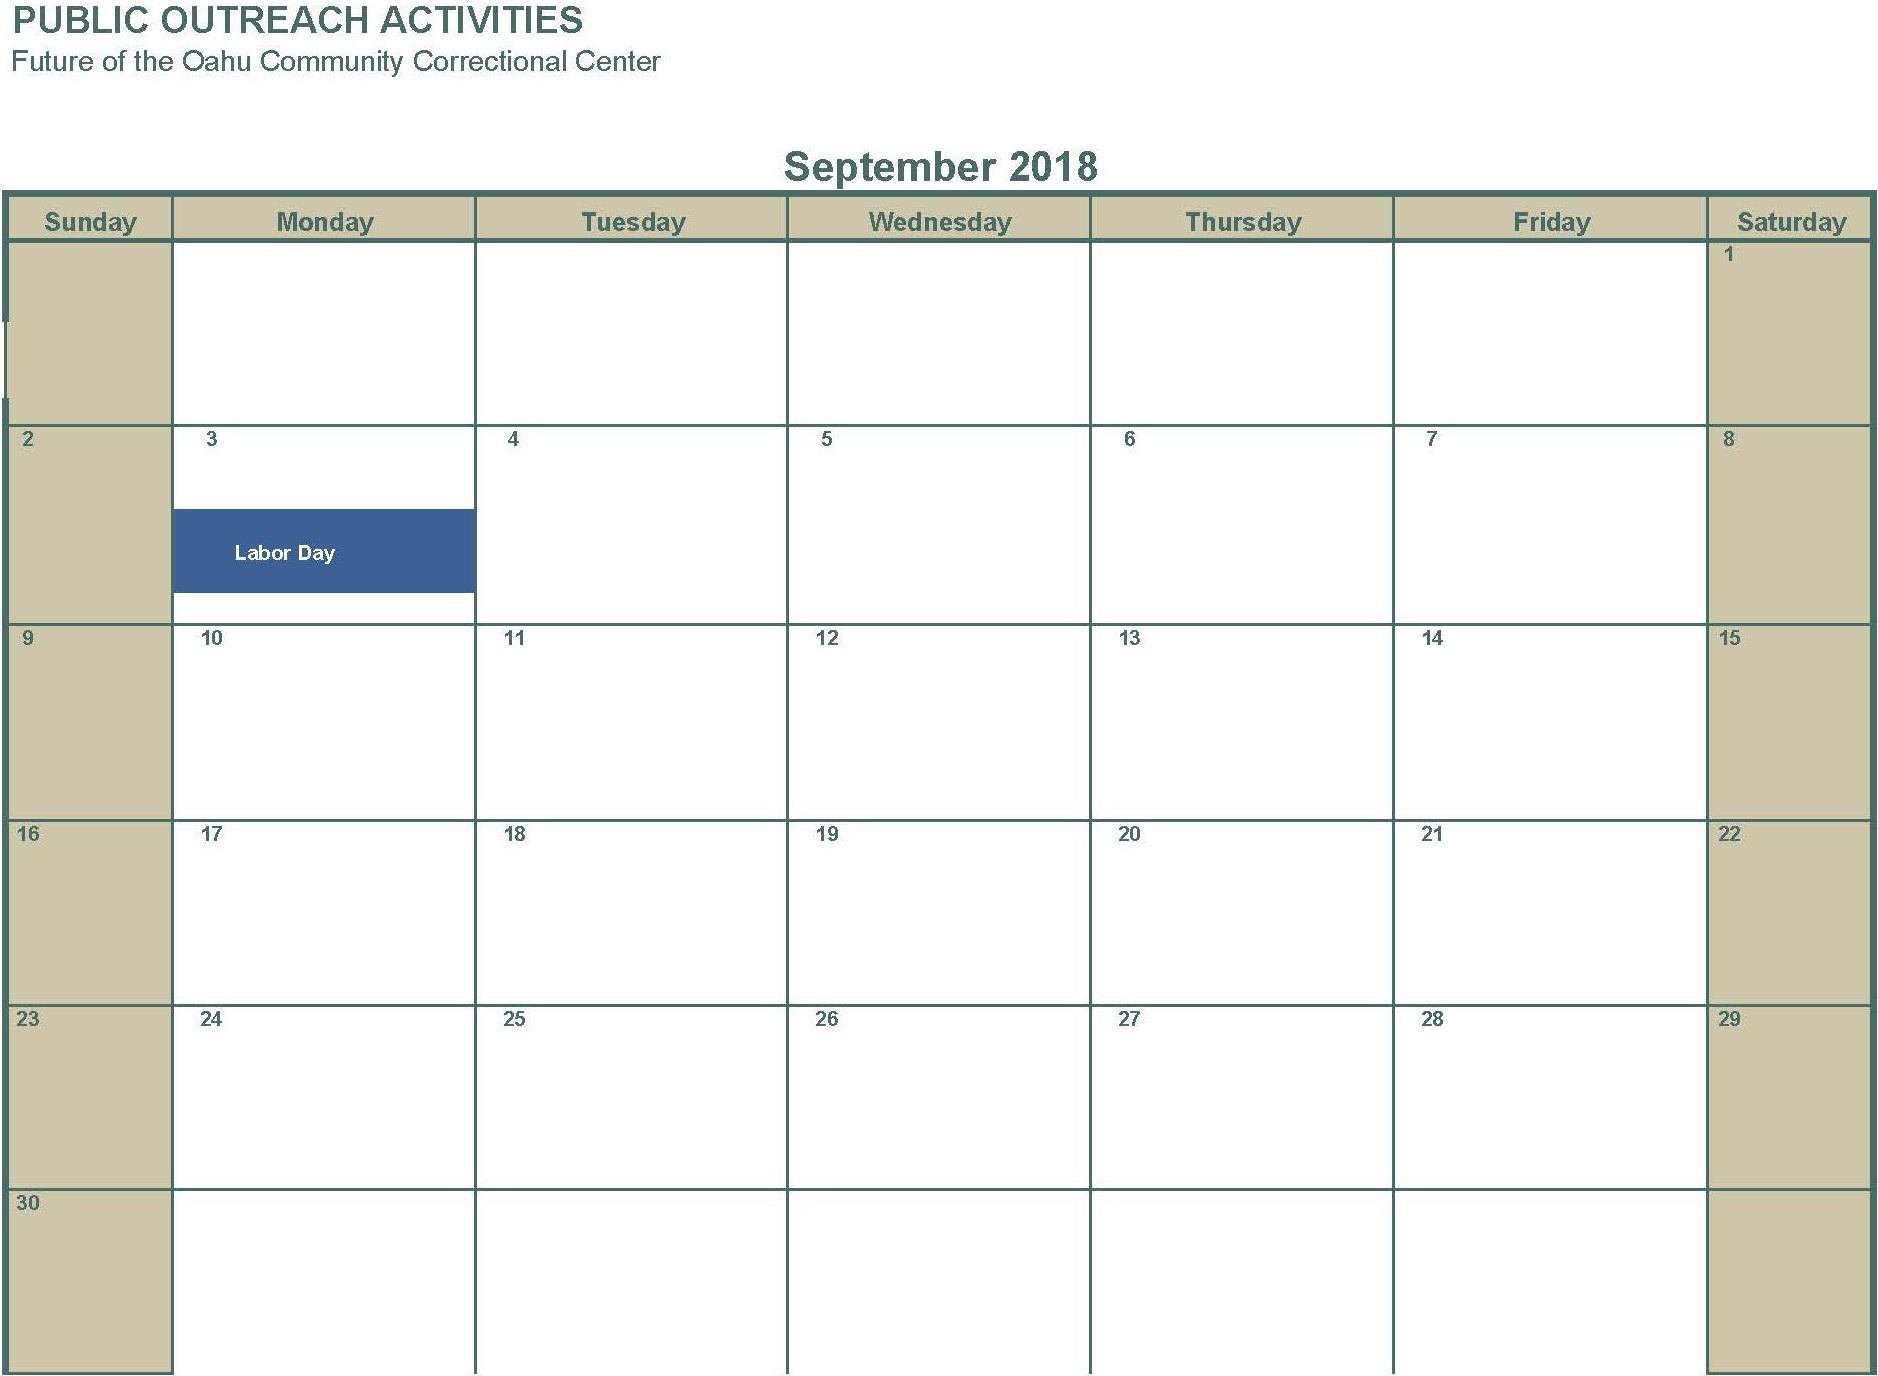 September 2018 No activities